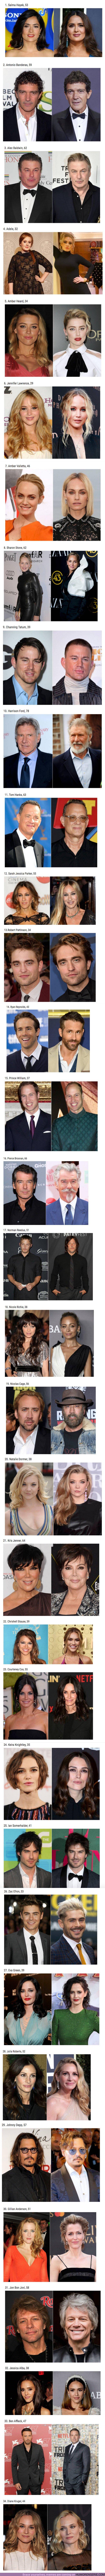 61021 - GALERÍA: 34 Comparaciones que muestran como han cambiado algúnos famosos en diez años